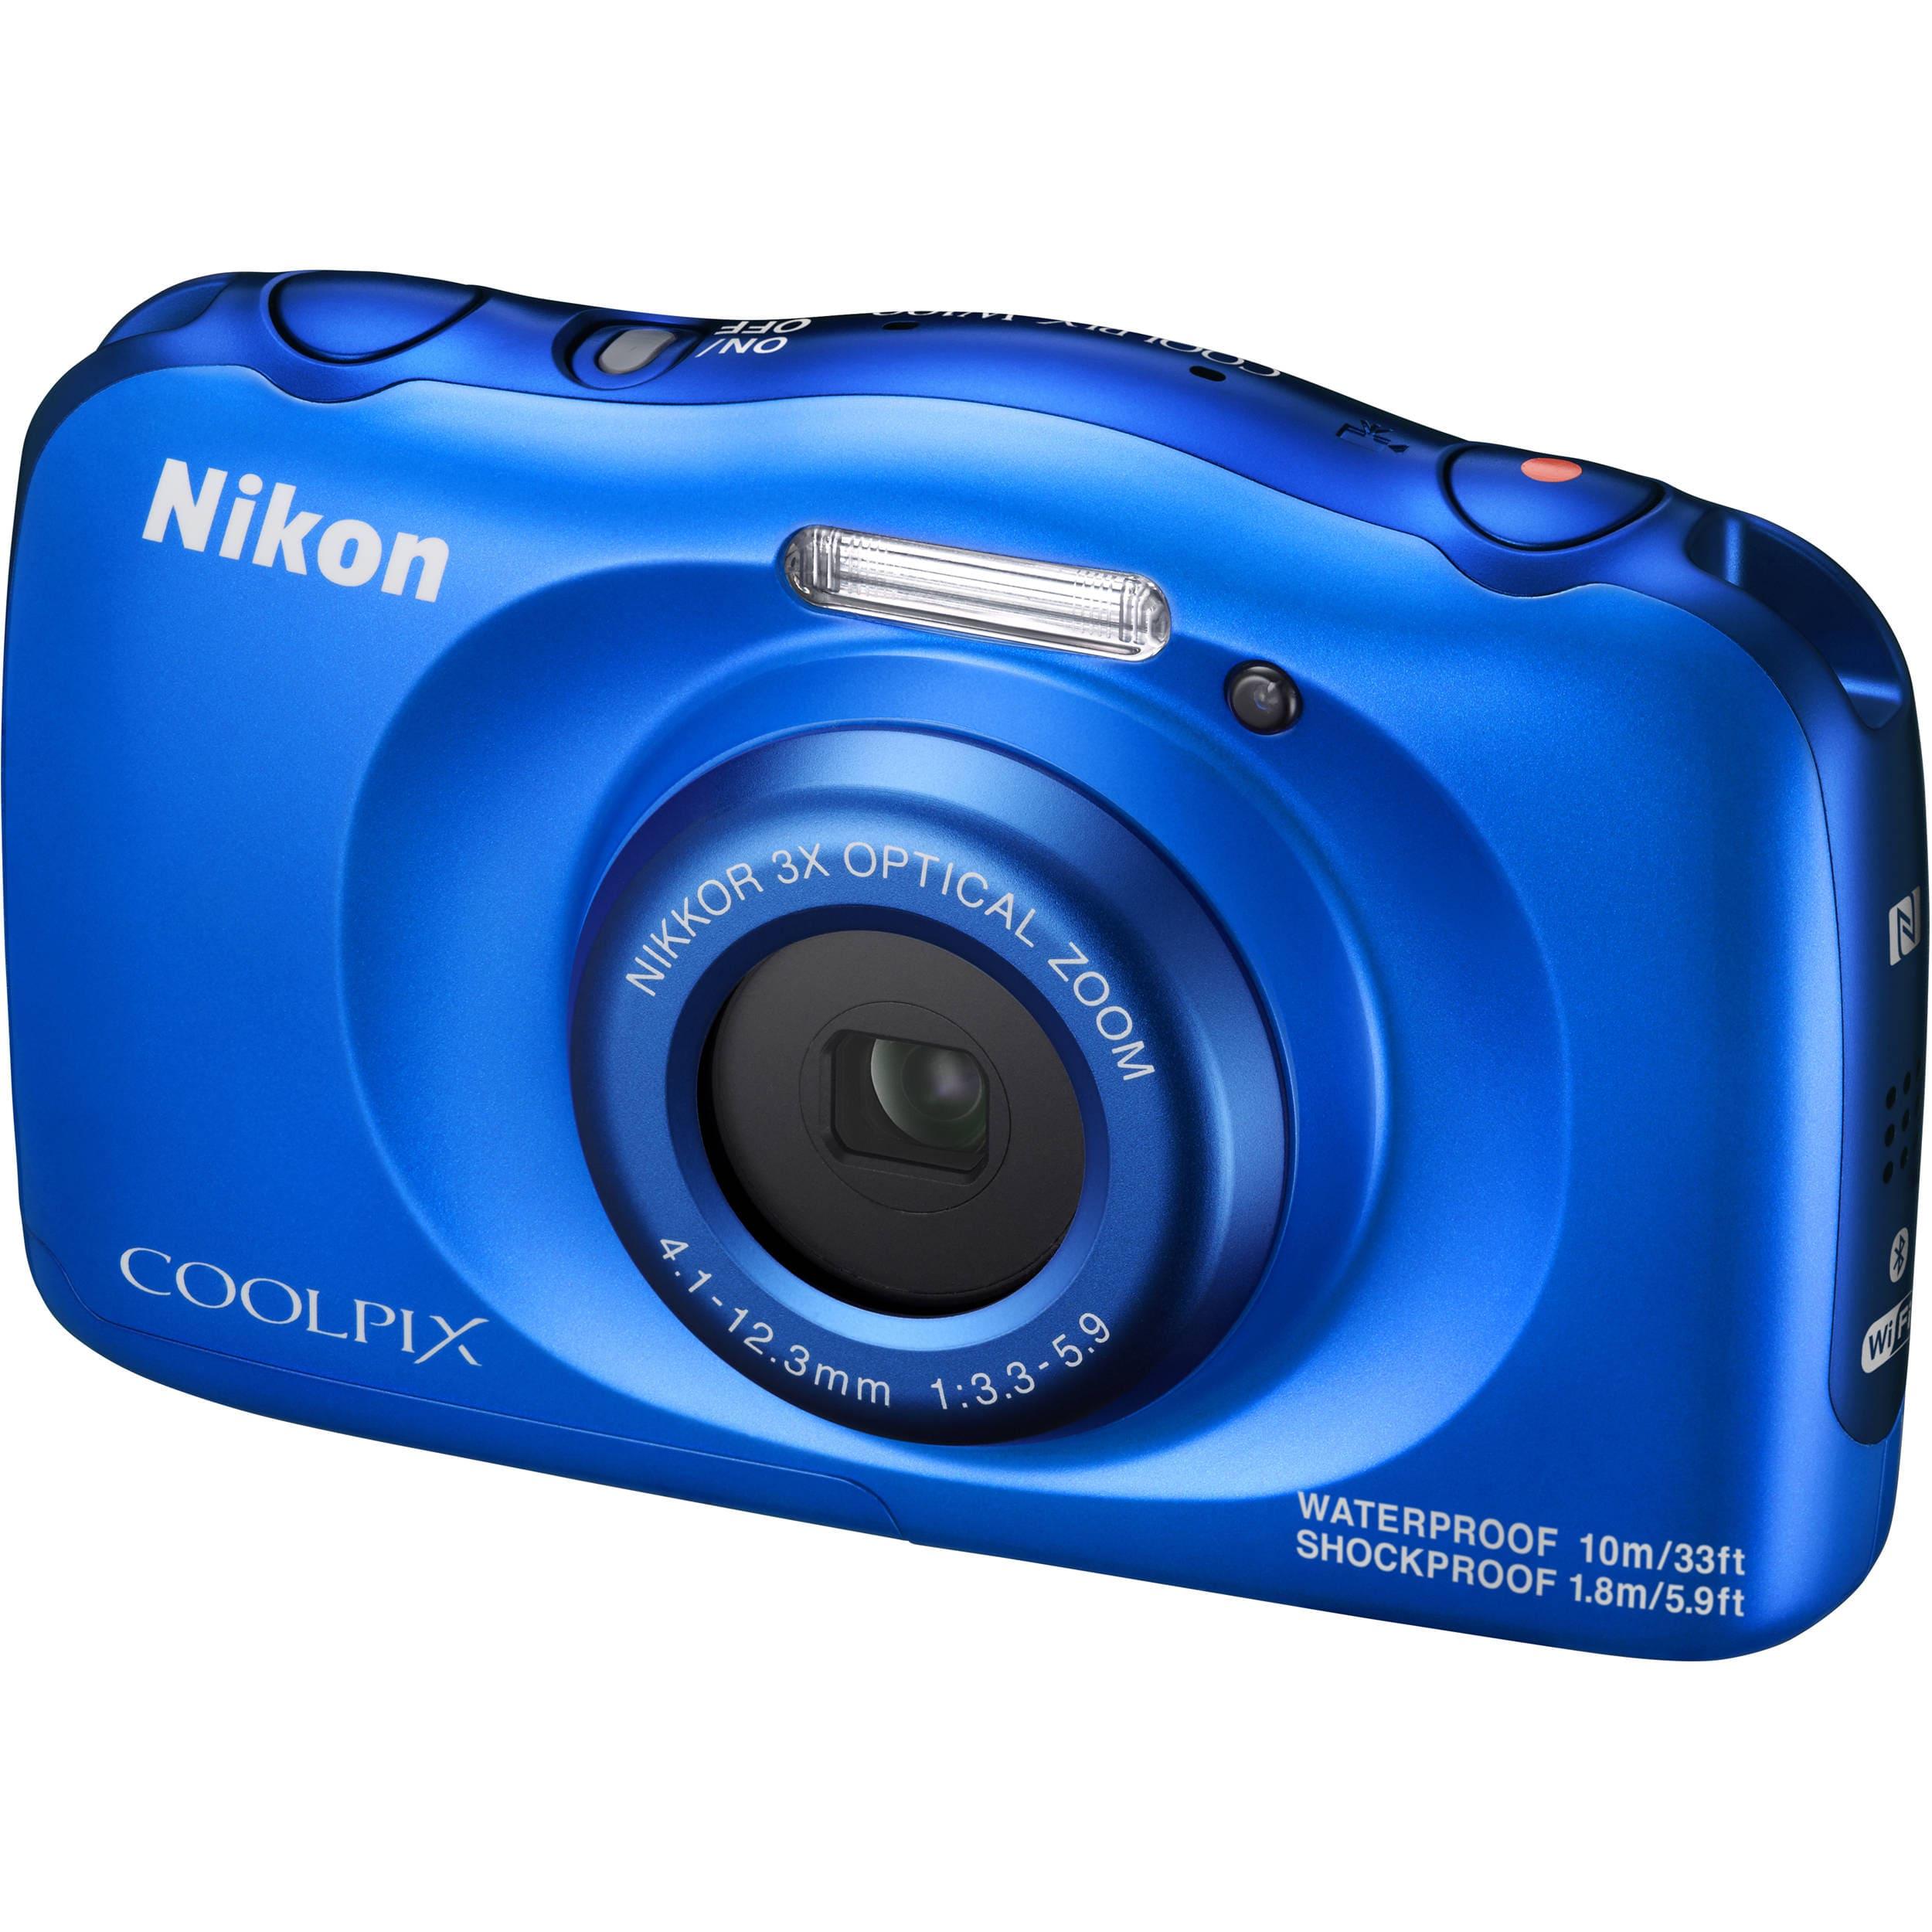 nikon_26516_coolpix_w100_digital_camera_1308950-min.jpg